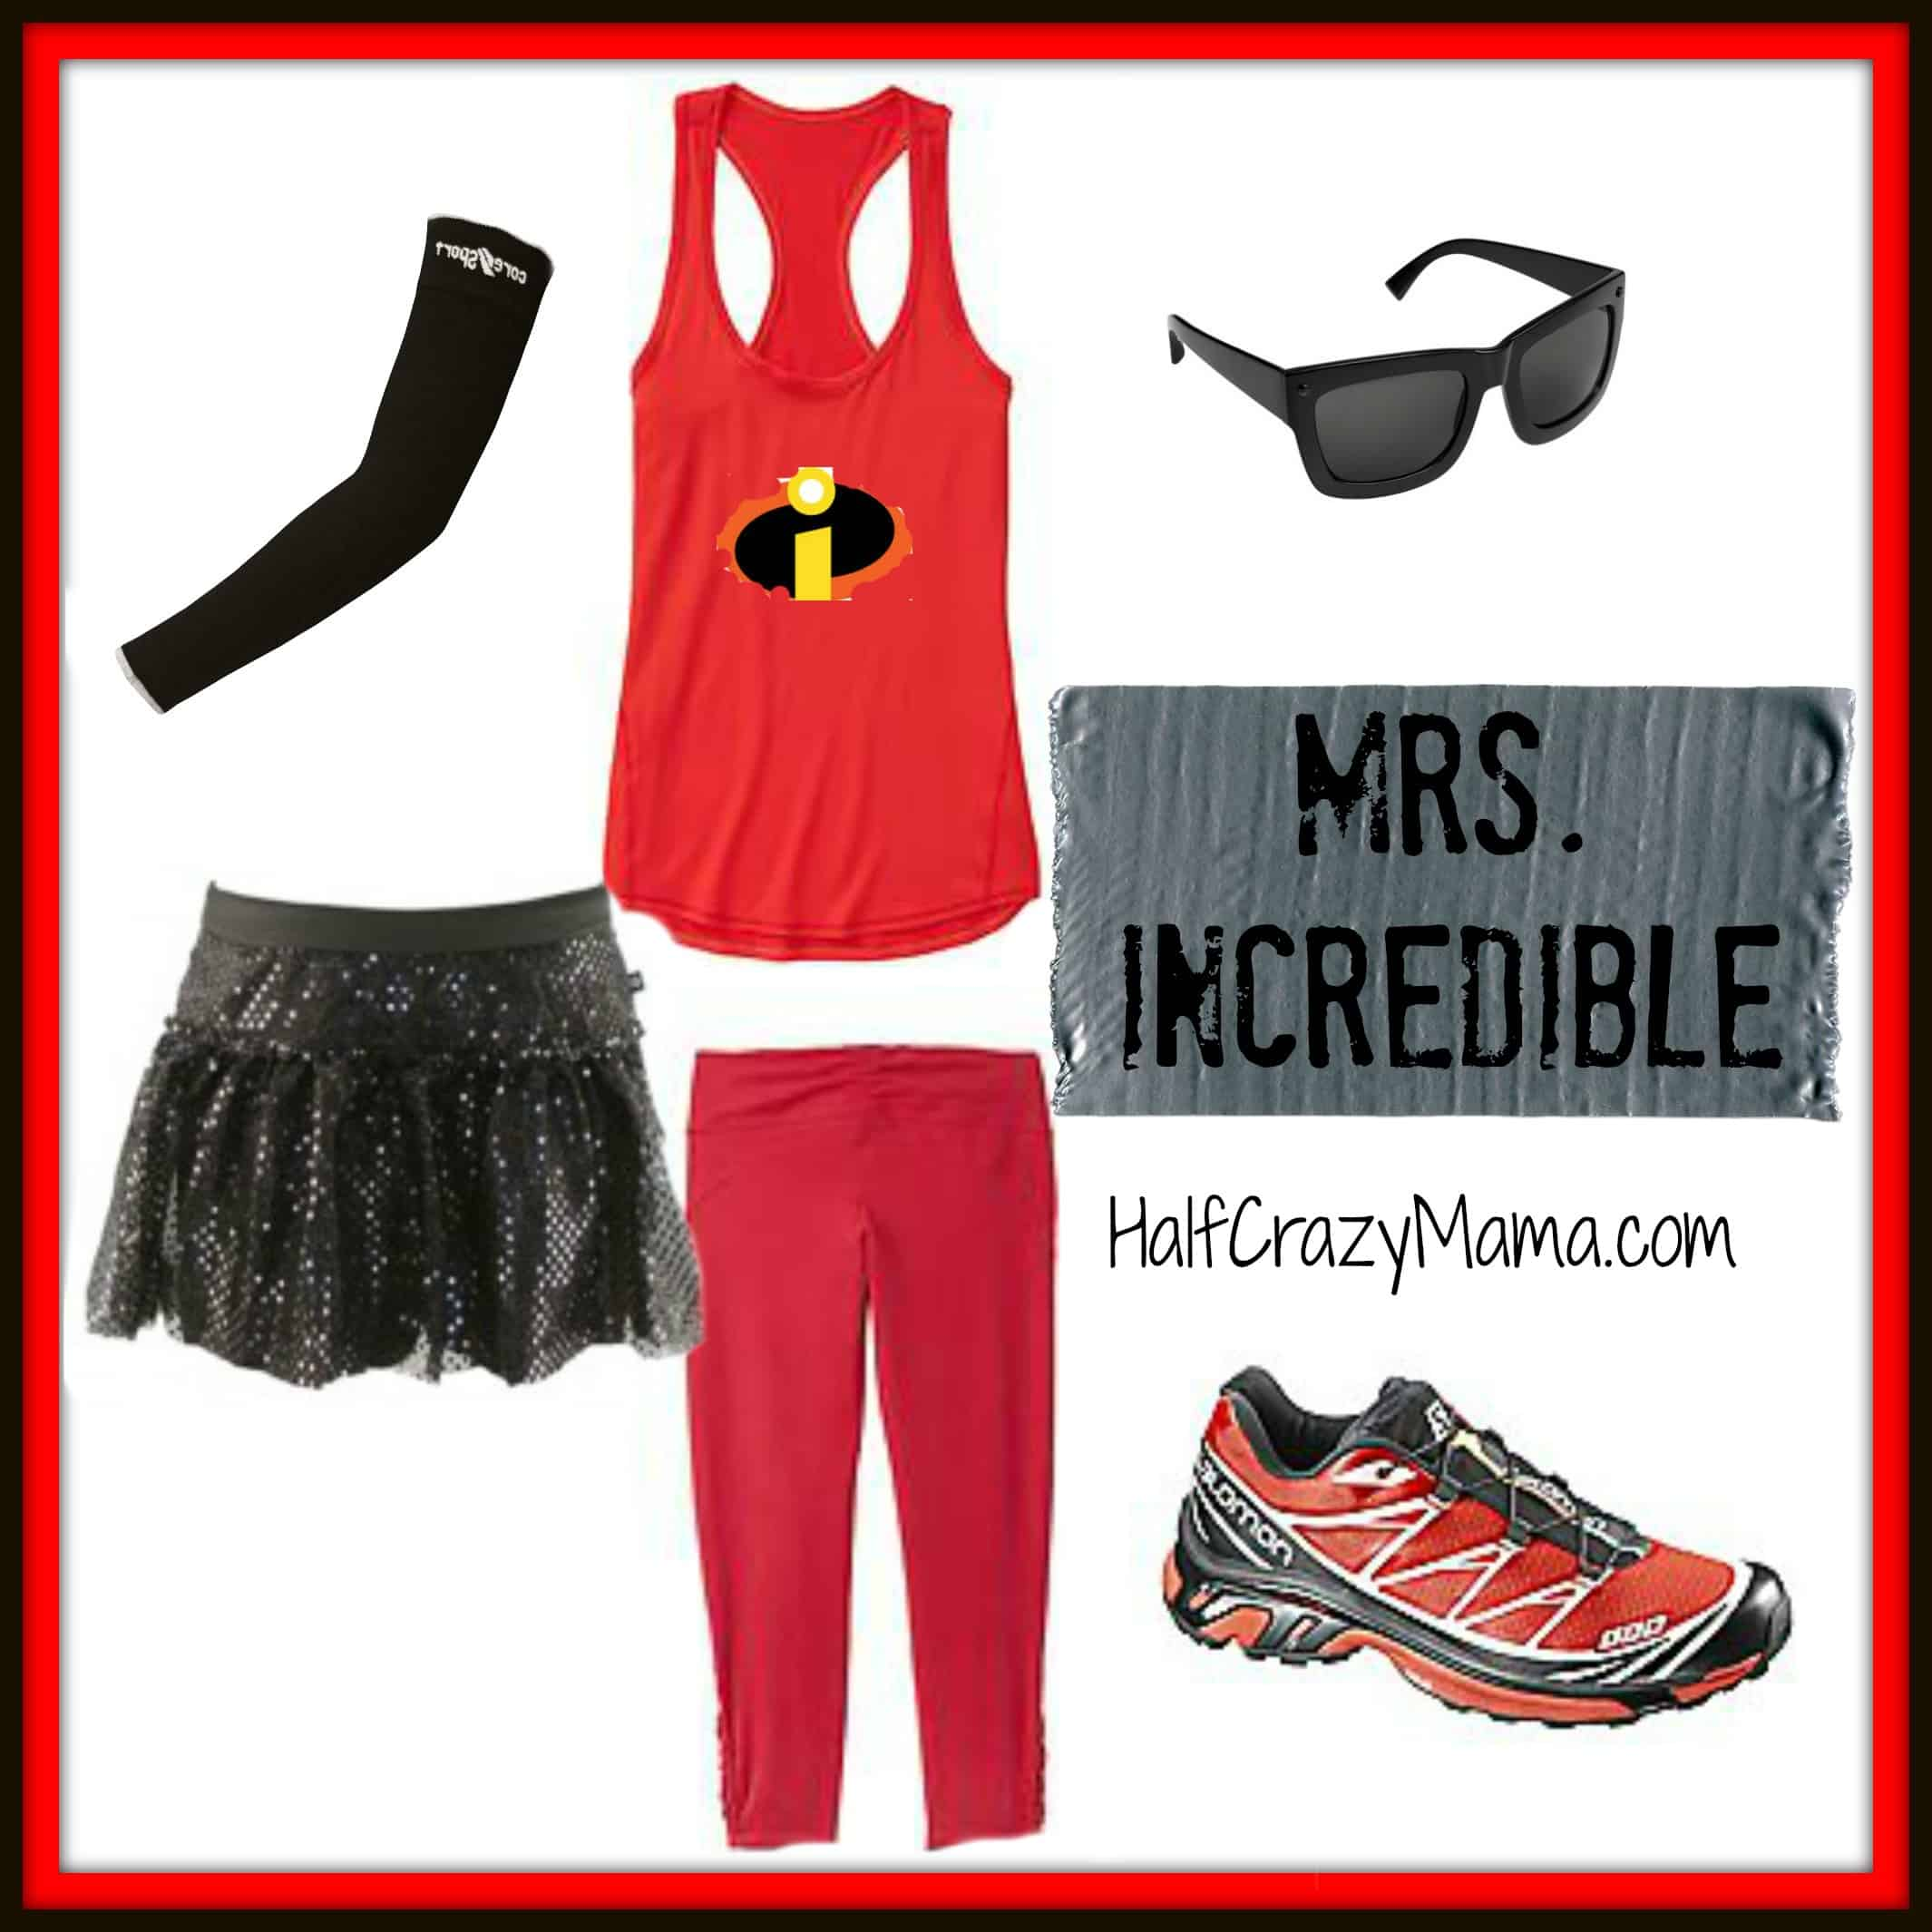 Mrs Incredible run costume